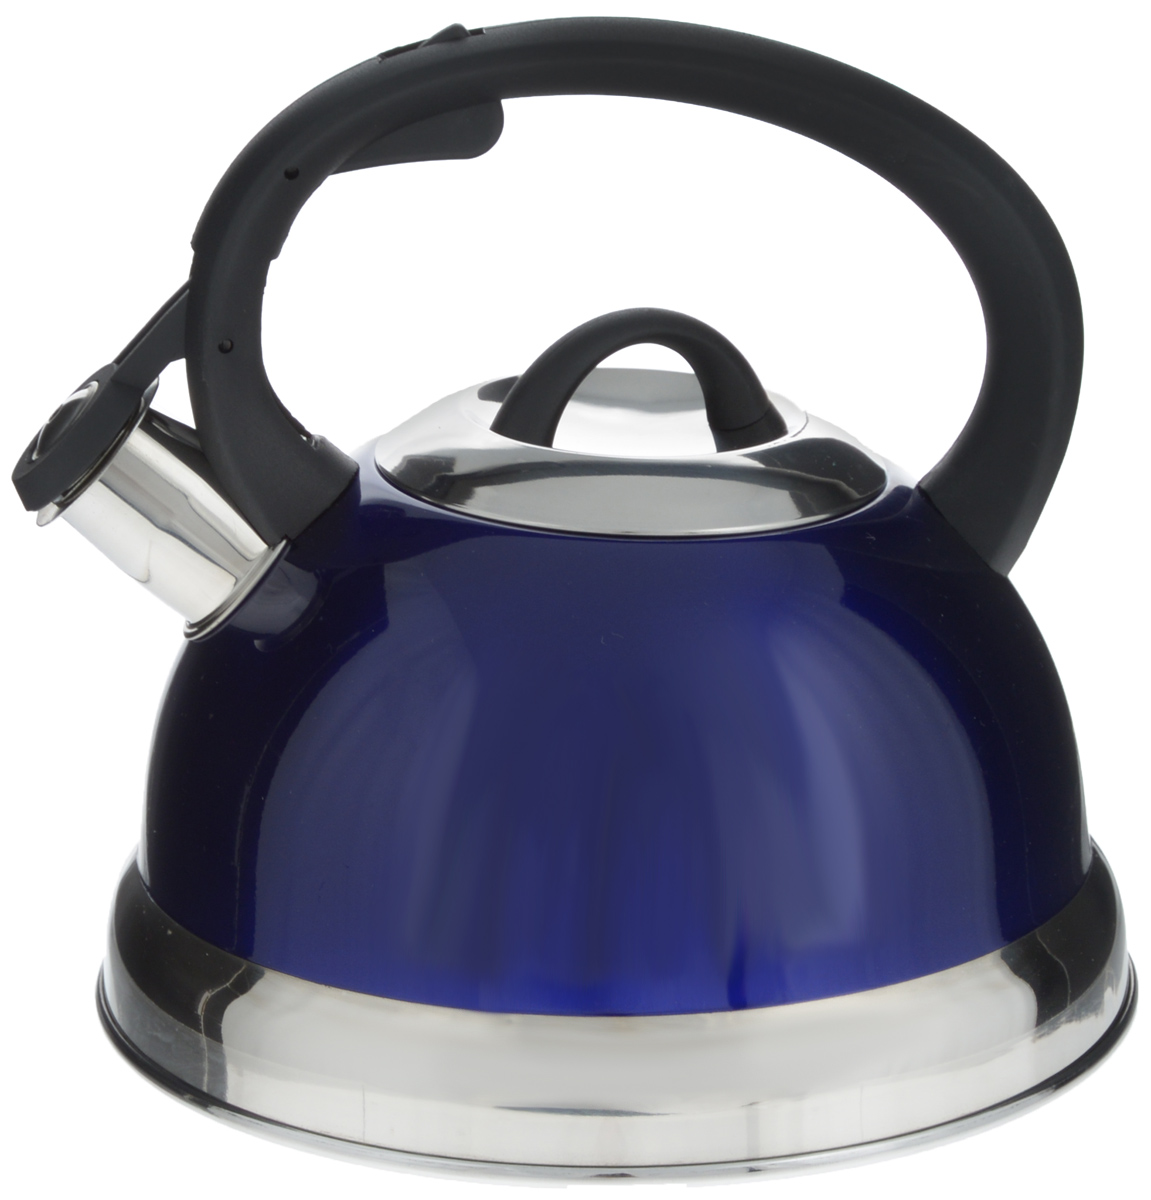 Чайник Mayer & Boch, со свистком, цвет: синий, черный, серебристый, 2,6 л. 2828Чайник Mayer & Boch выполнен из высококачественной нержавеющей стали, что делает его весьма гигиеничным и устойчивым к износу при длительном использовании. Носик чайника оснащен насадкой-свистком, что позволит вам контролировать процесс подогрева или кипячения воды. Фиксированная ручка, изготовленная из пластика, делает использование чайника очень удобным и безопасным. Поверхность чайника гладкая, что облегчает уход за ним. Эстетичный и функциональный чайник будет оригинально смотреться в любом интерьере.Подходит для всех типов плит, включая индукционные. Можно мыть в посудомоечной машине.Высота чайника (с учетом ручки и крышки): 20,5 см.Диаметр чайника (по верхнему краю): 10,5 см.Диаметр основания: 21 см.